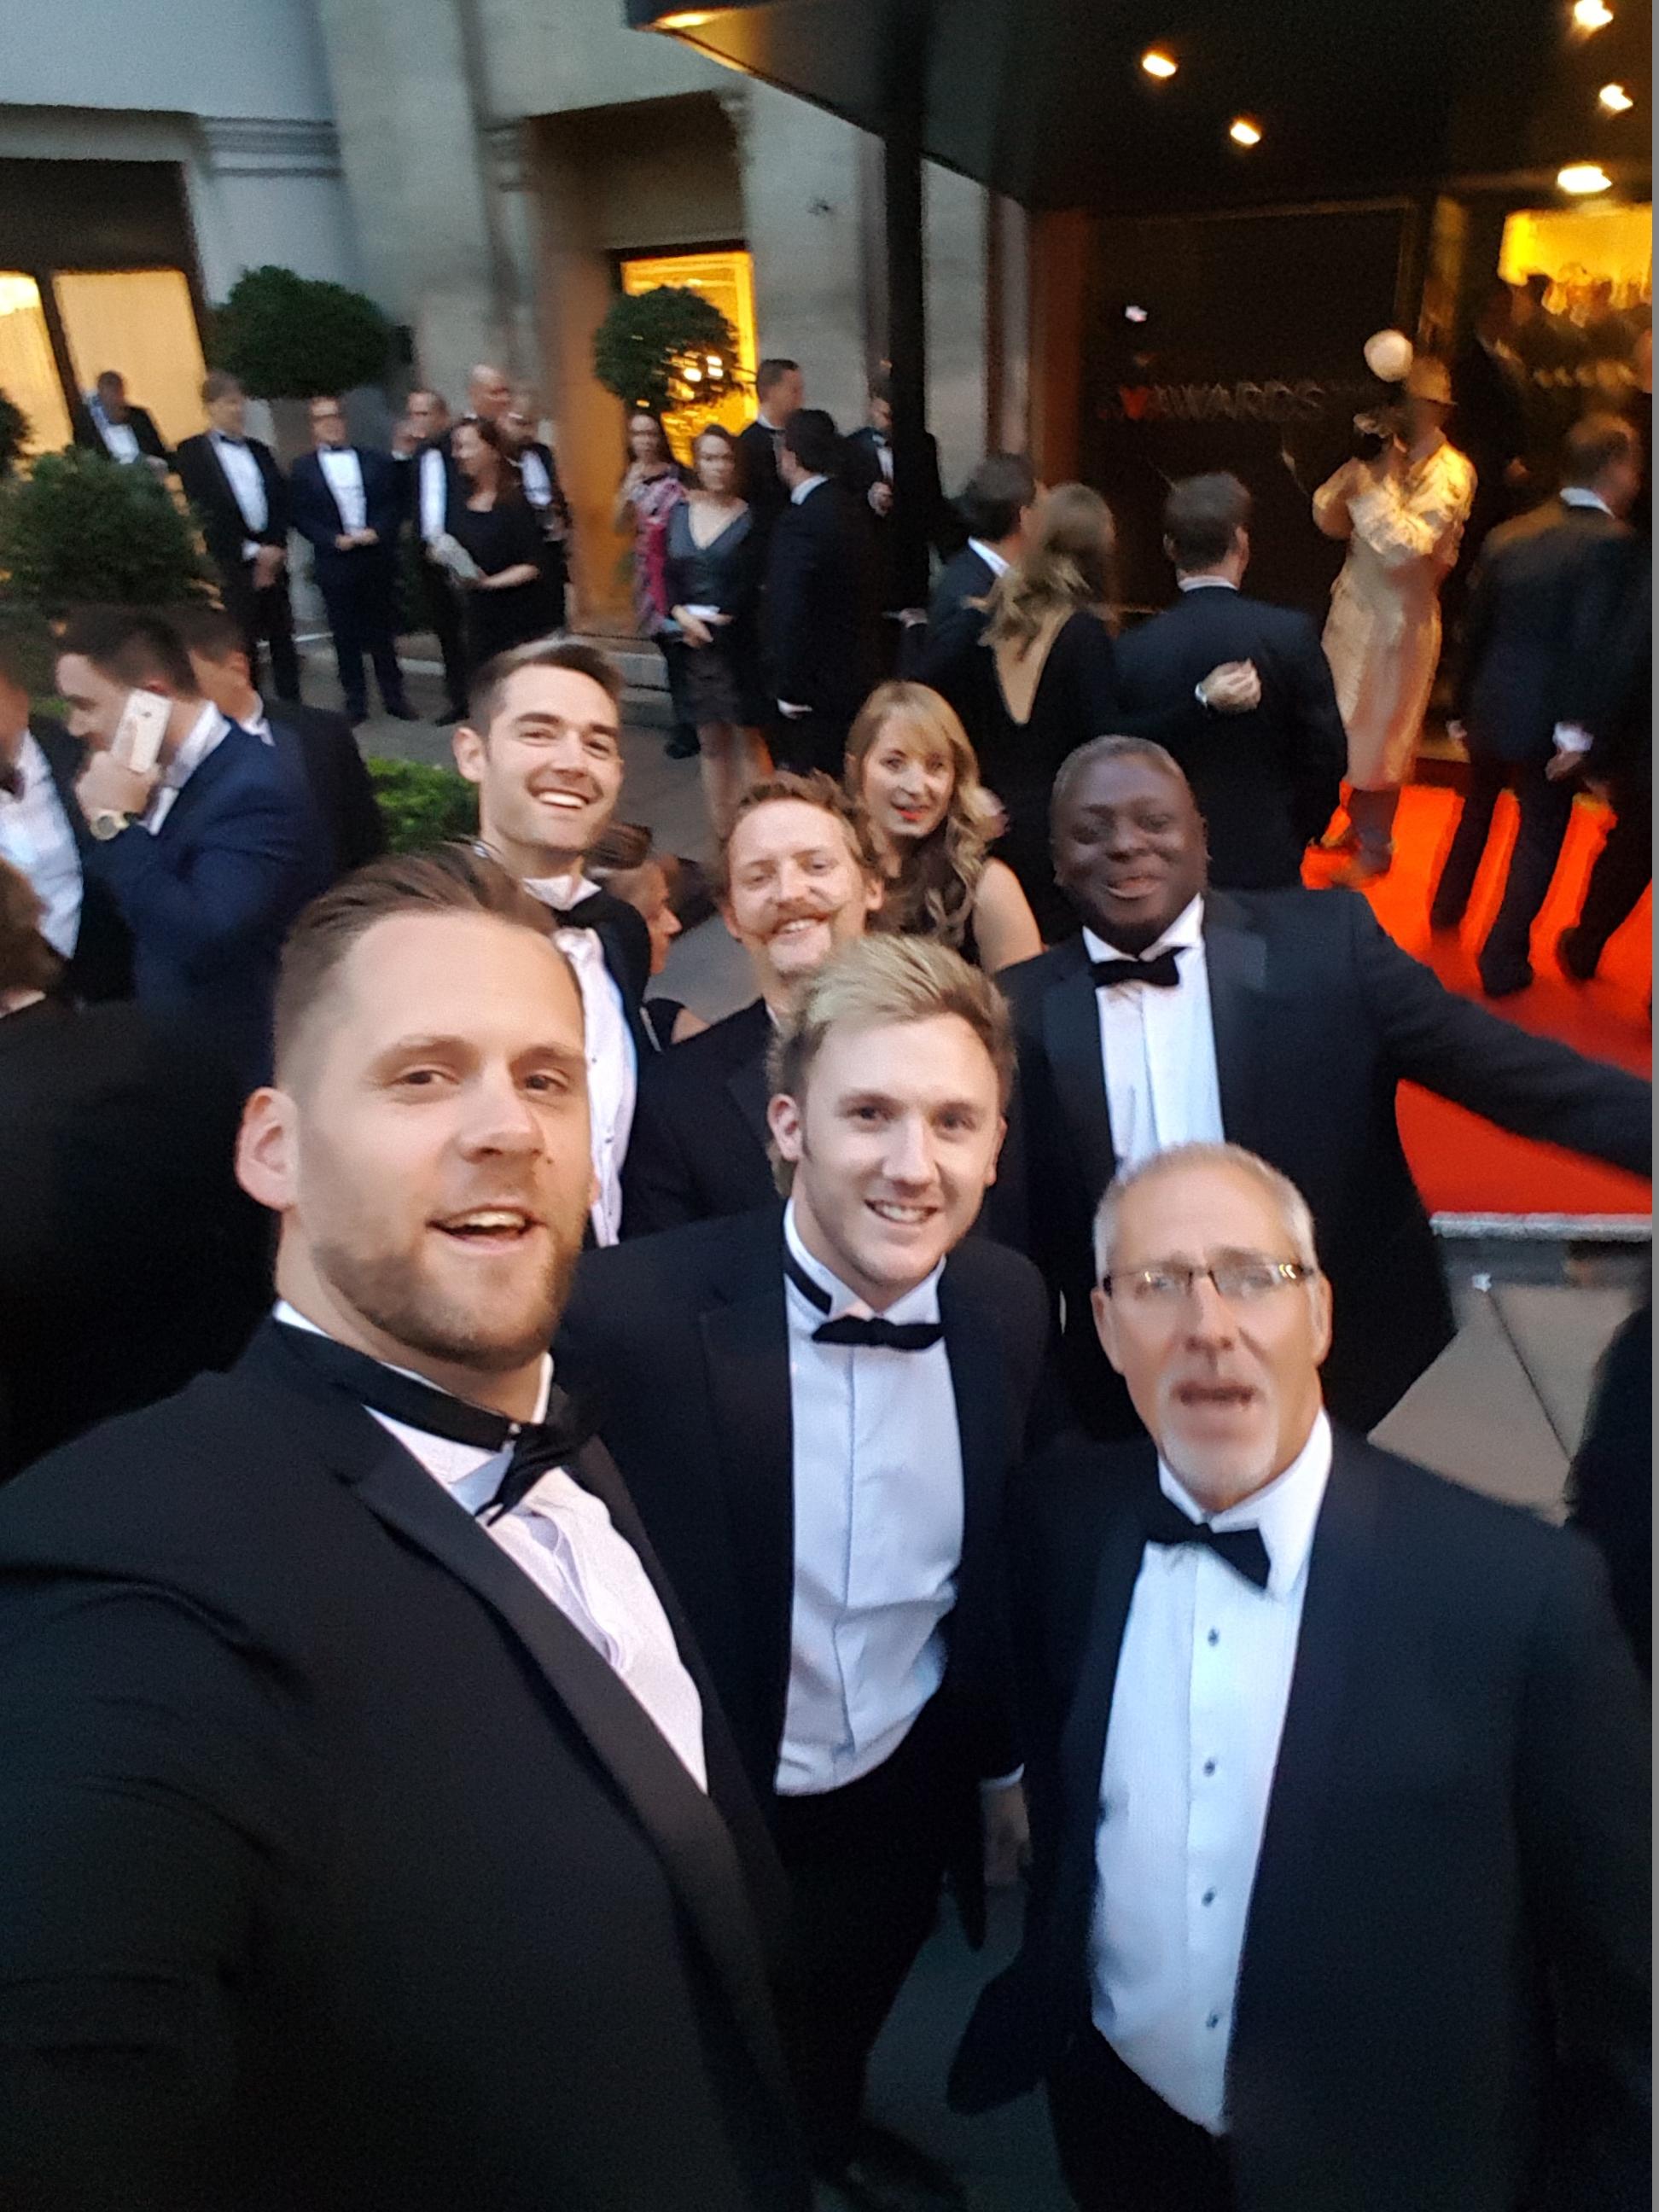 AV Awards 2016 - B-Tech Arrives